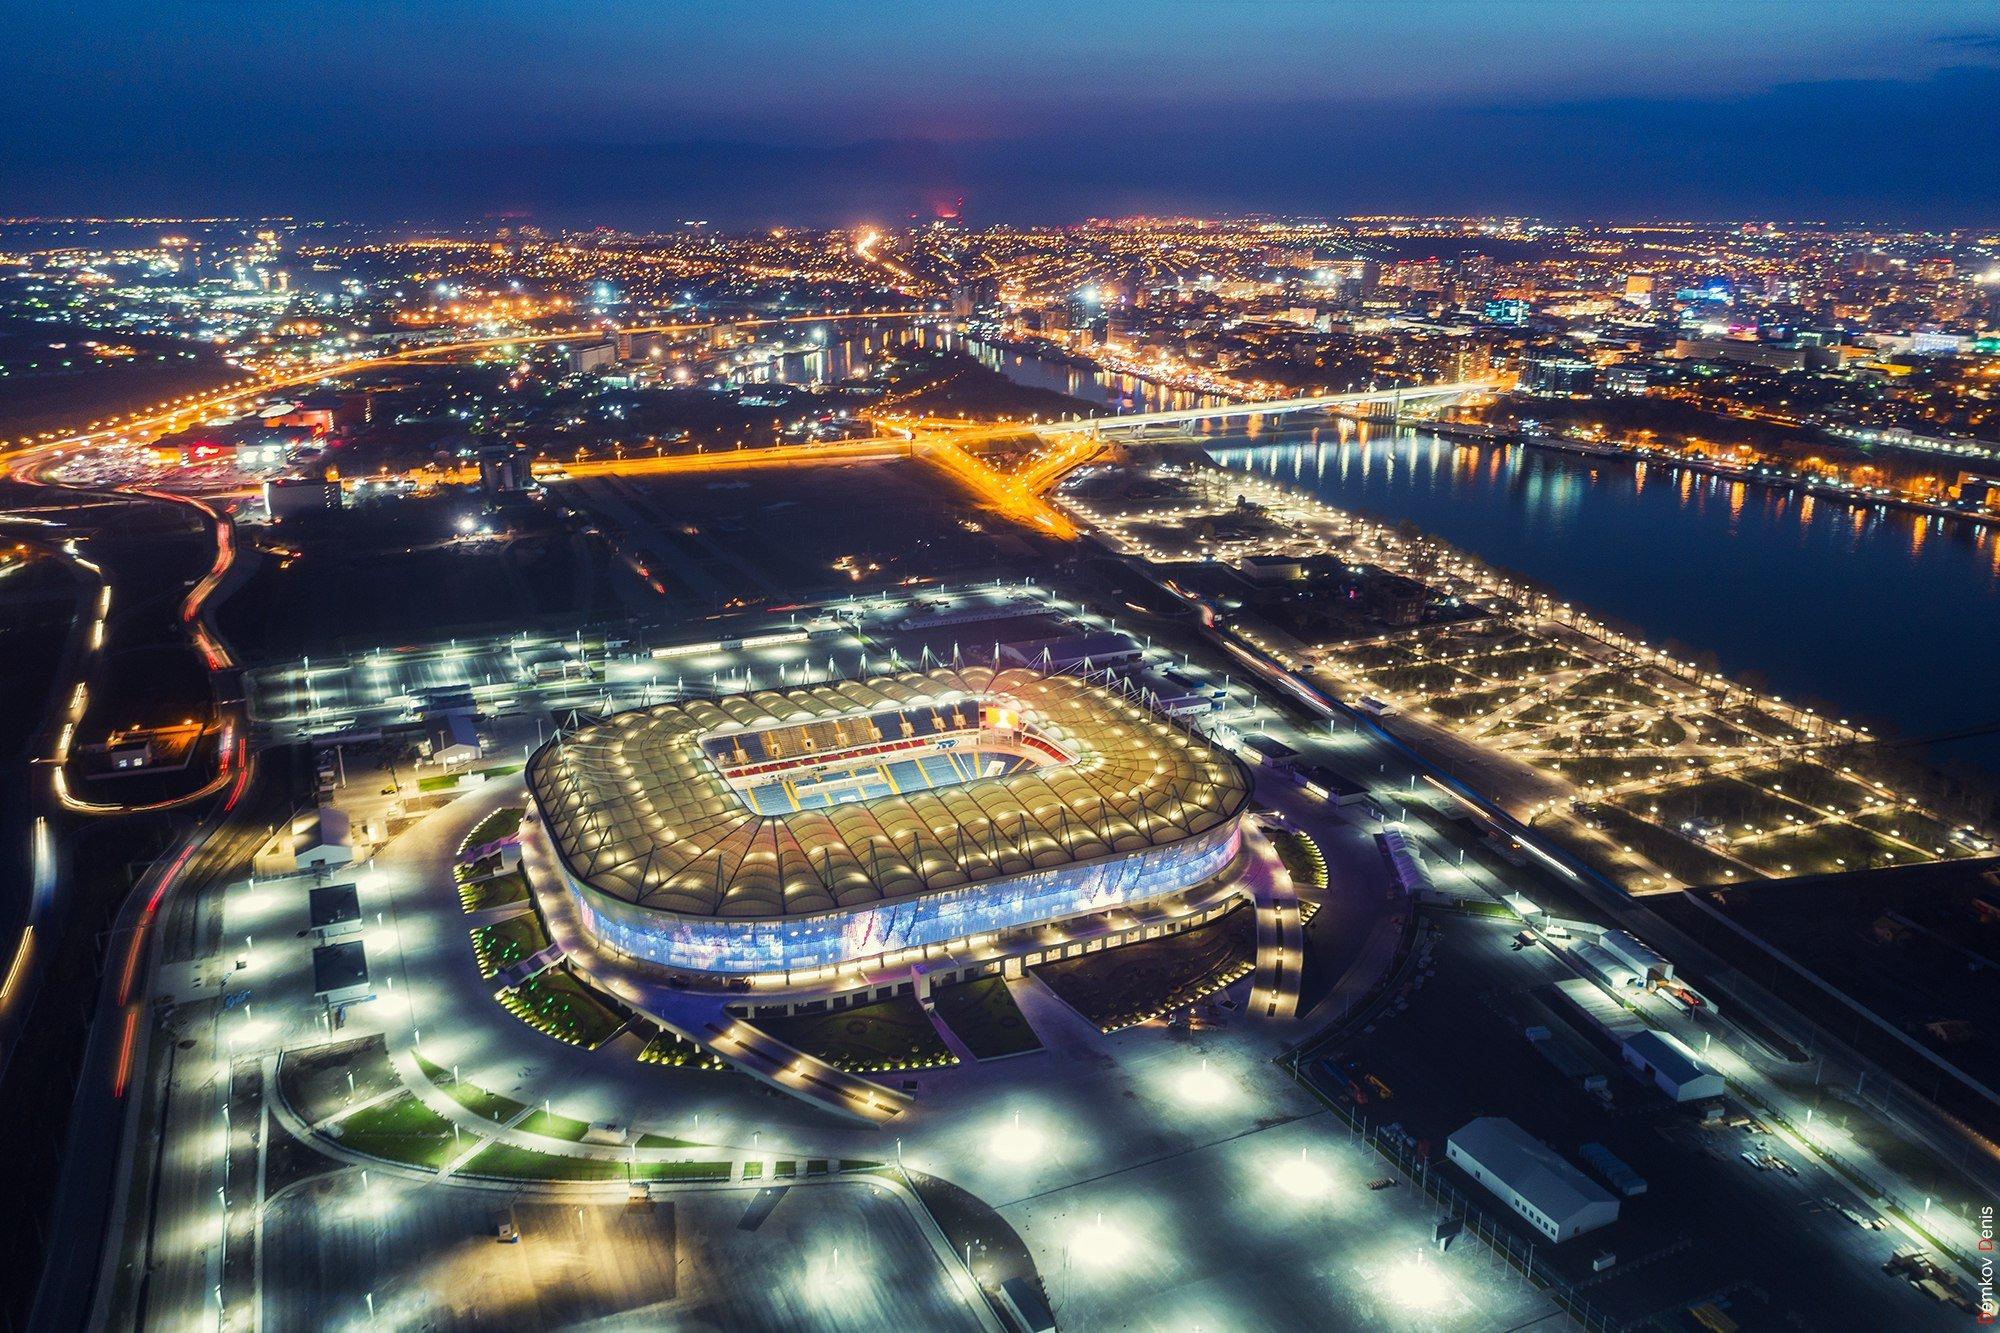 Стадион обеспечен всем необходимым для спортсменов и зрителей: командные раздевалки игроков, тренерские, судейские, помещения для делегатов на матче, комнаты медперсонала и допинг-контроля, зоны разминки, офисные помещения спортклуба, пресс-центр, бу